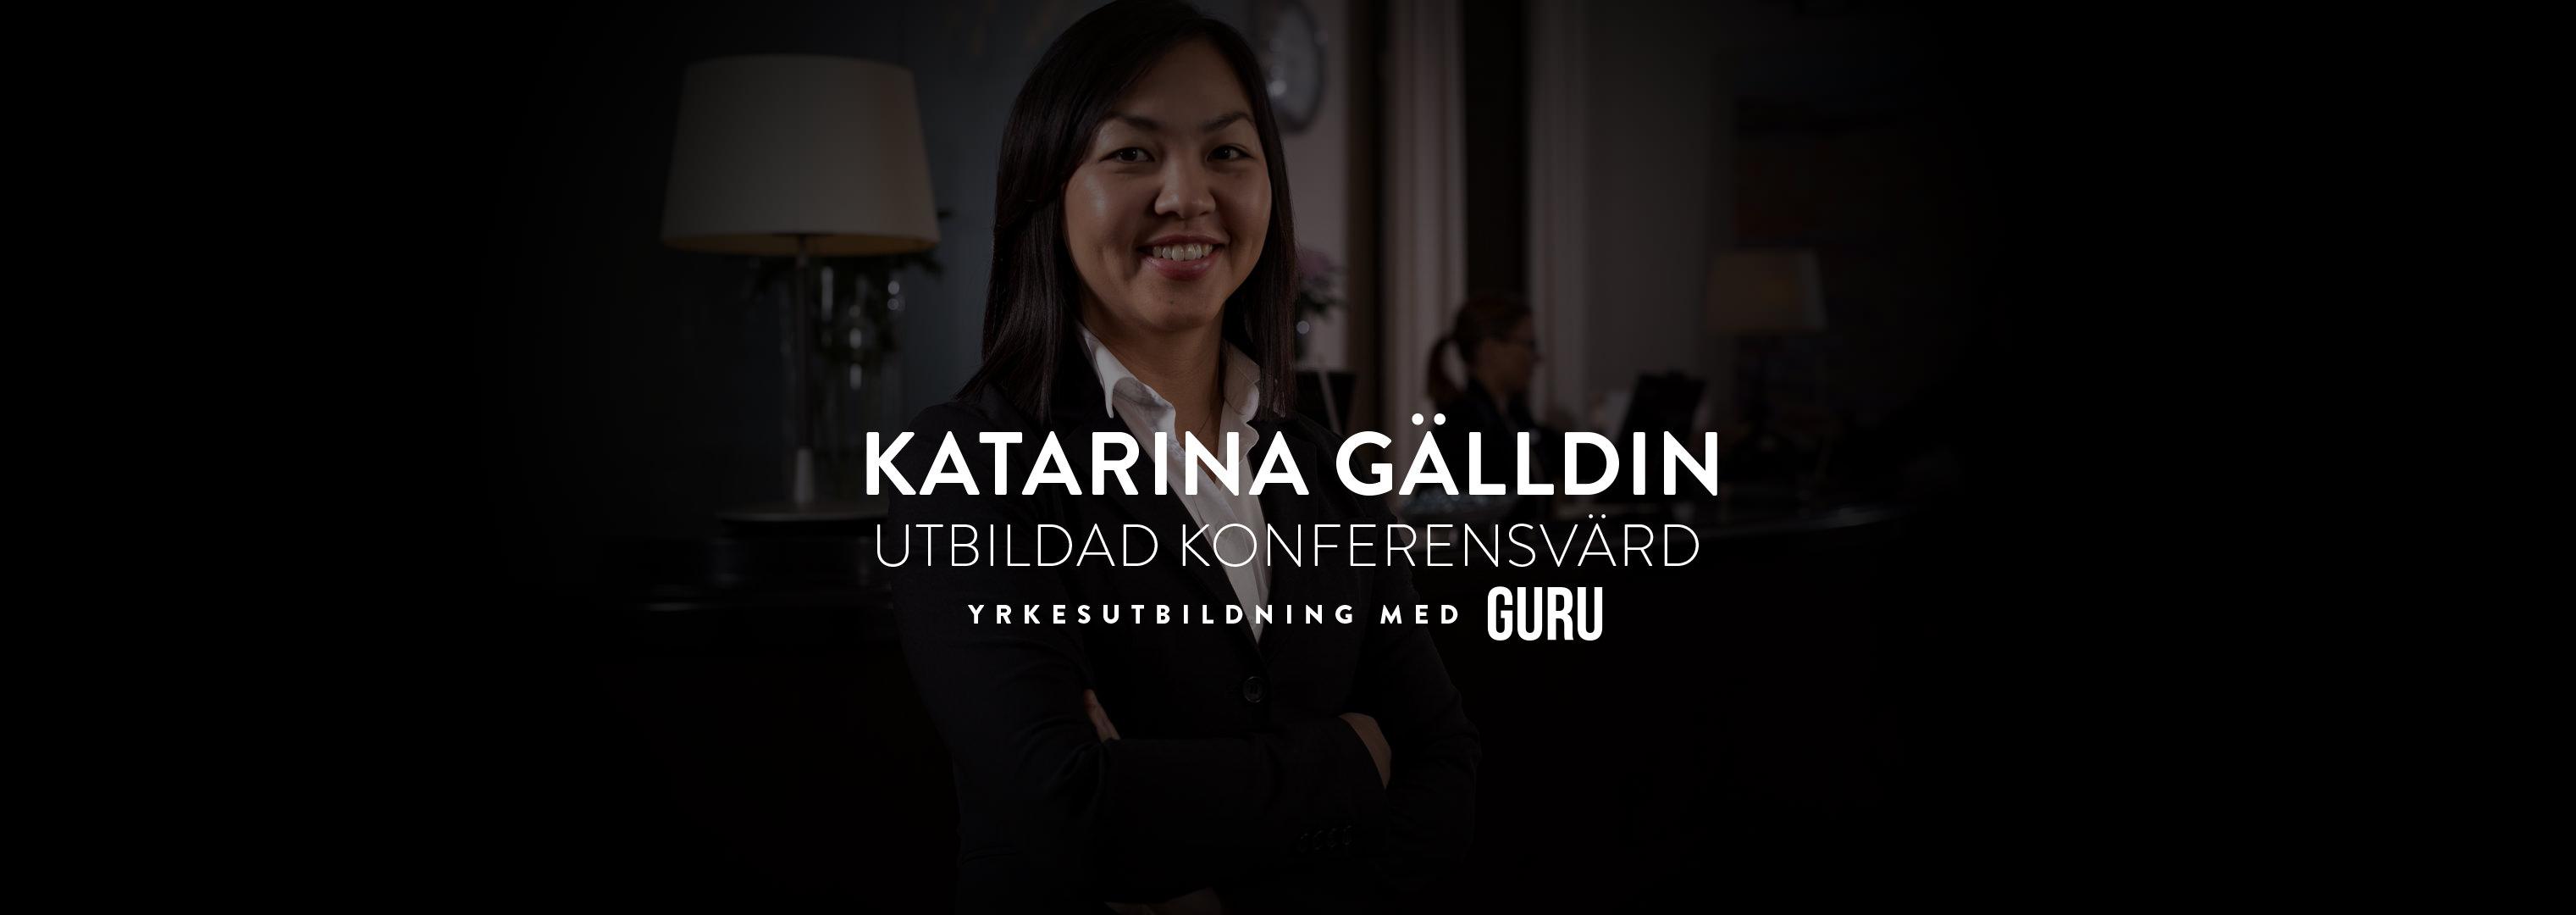 slider2-katarina-galldin